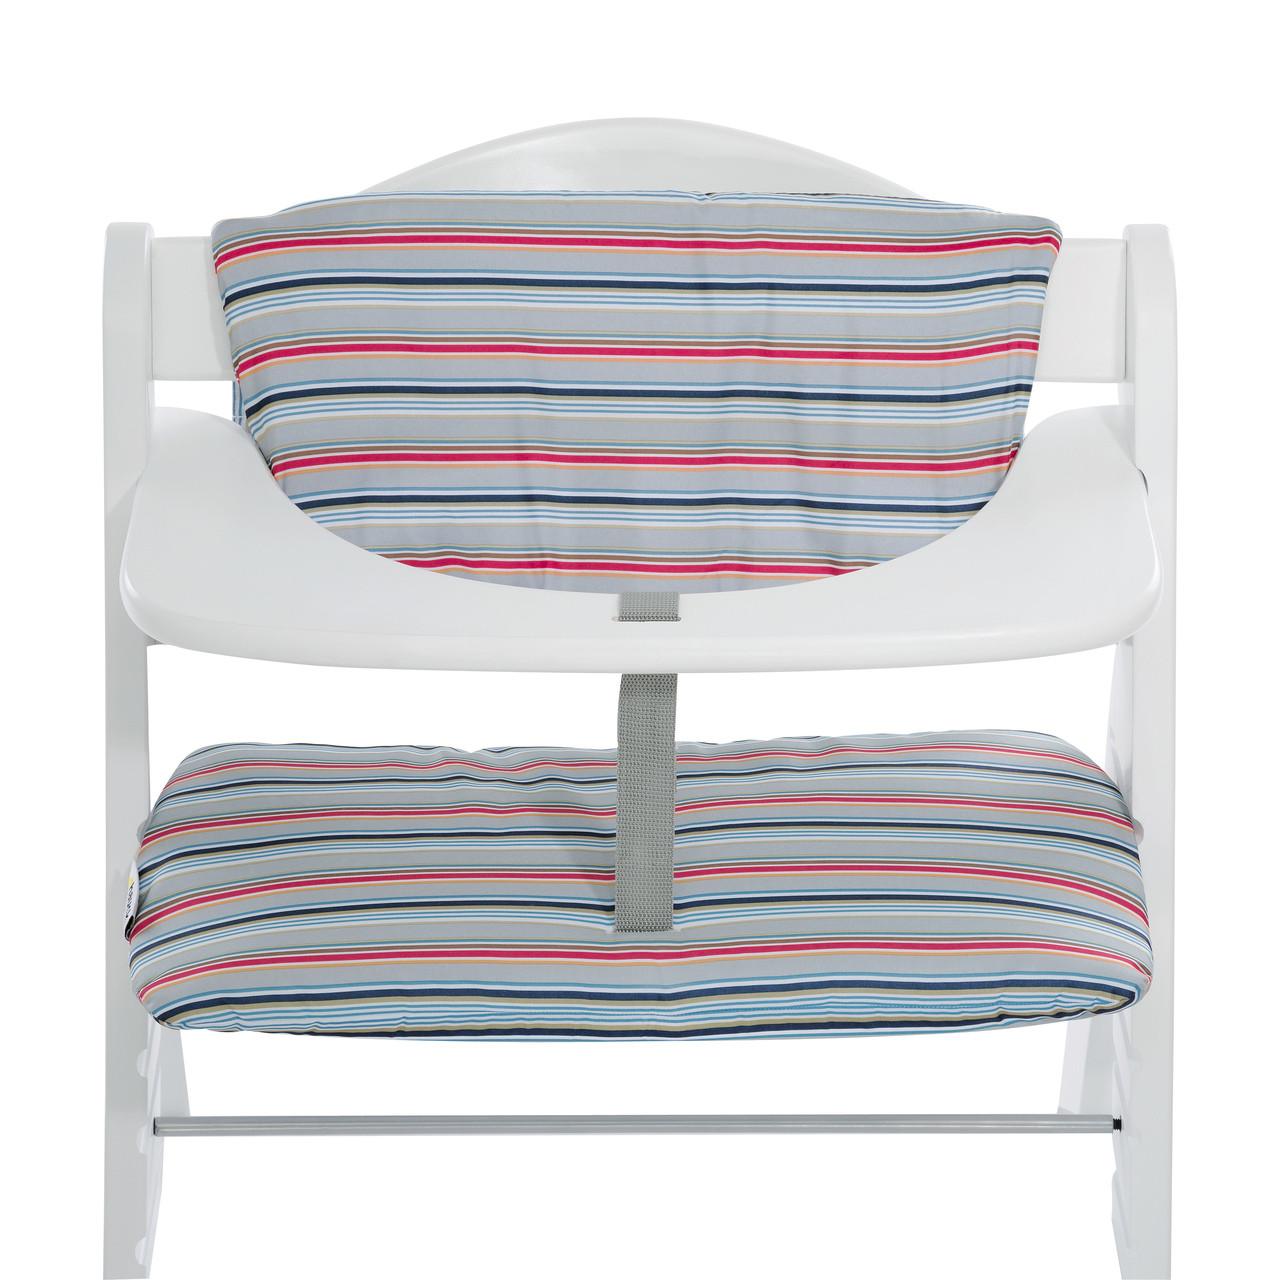 Cuscino per Seggiolone Hauck Stripe Grey